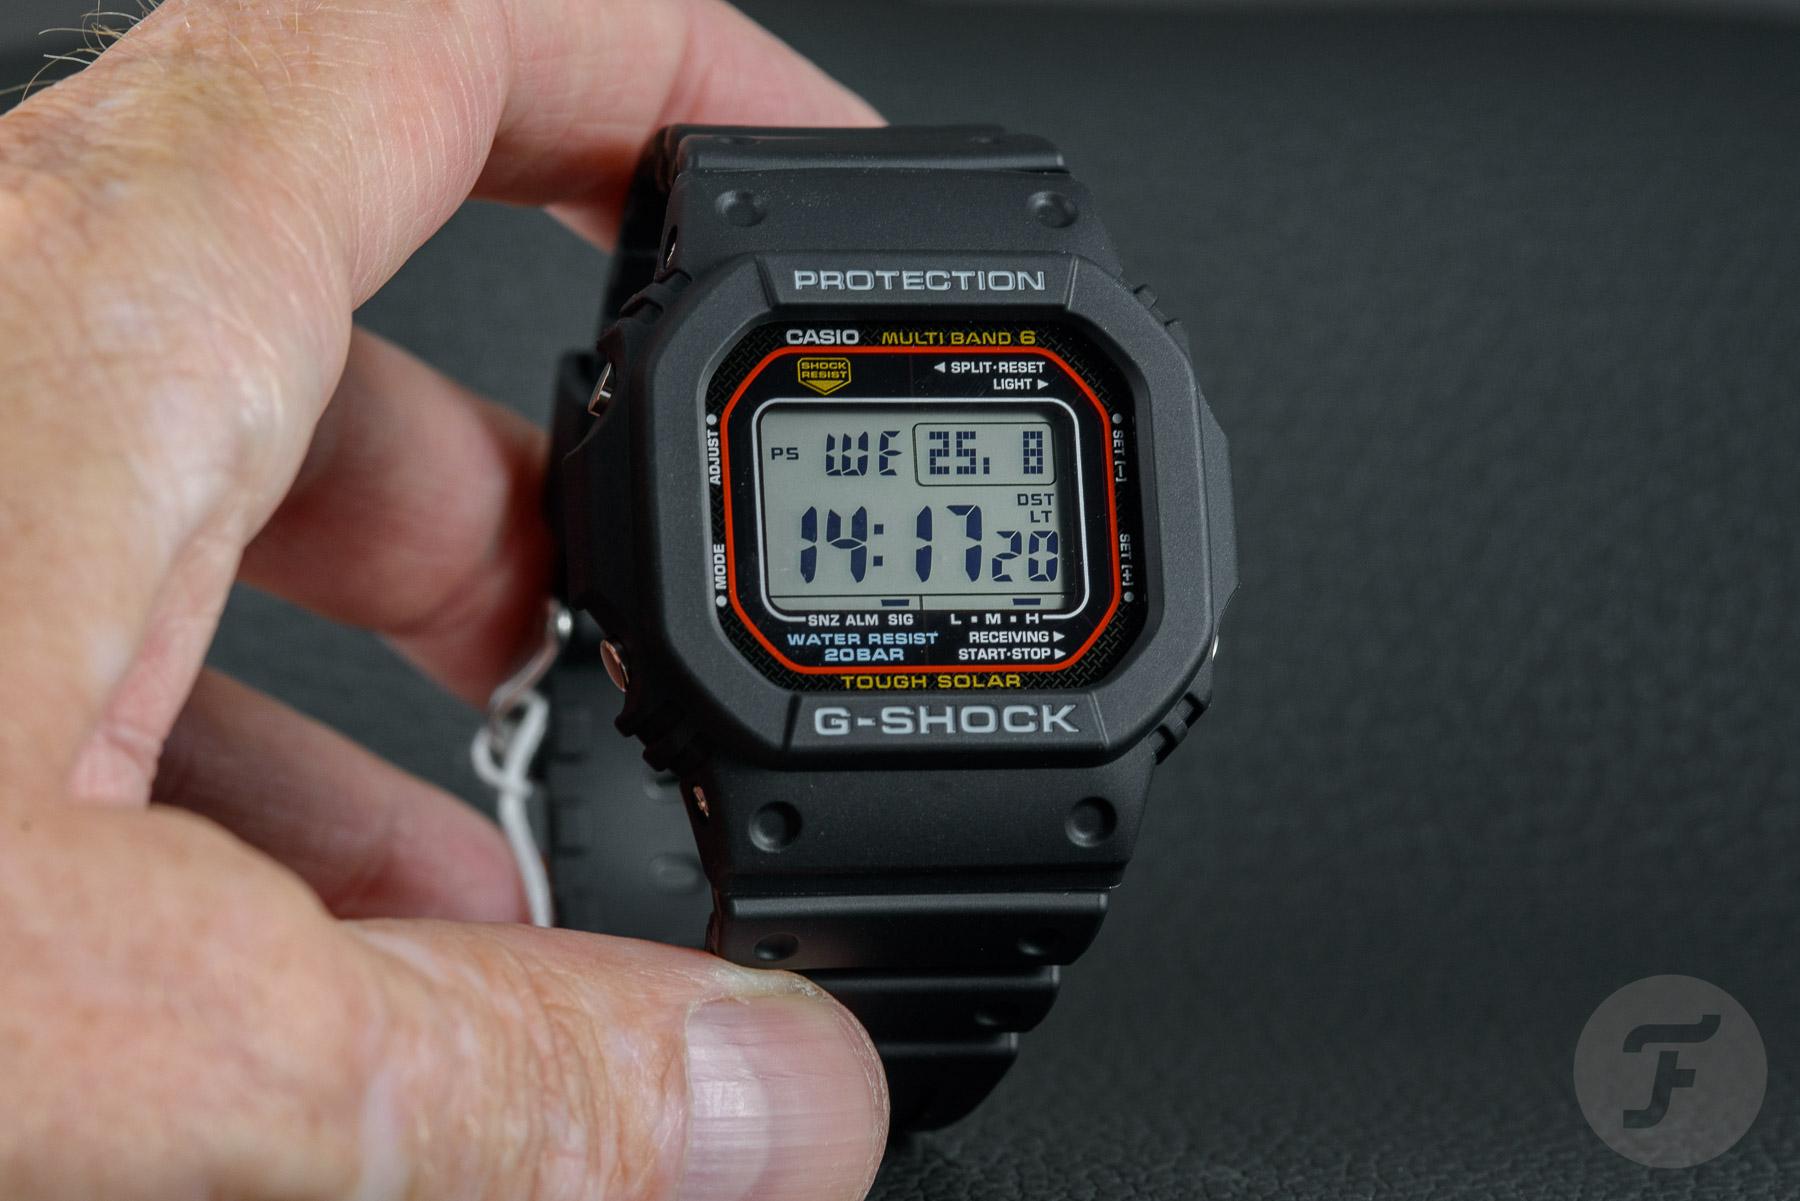 gshock gwm5610u 6994 - Đánh giá đồng hồ G-Shock Square GW-M5610U